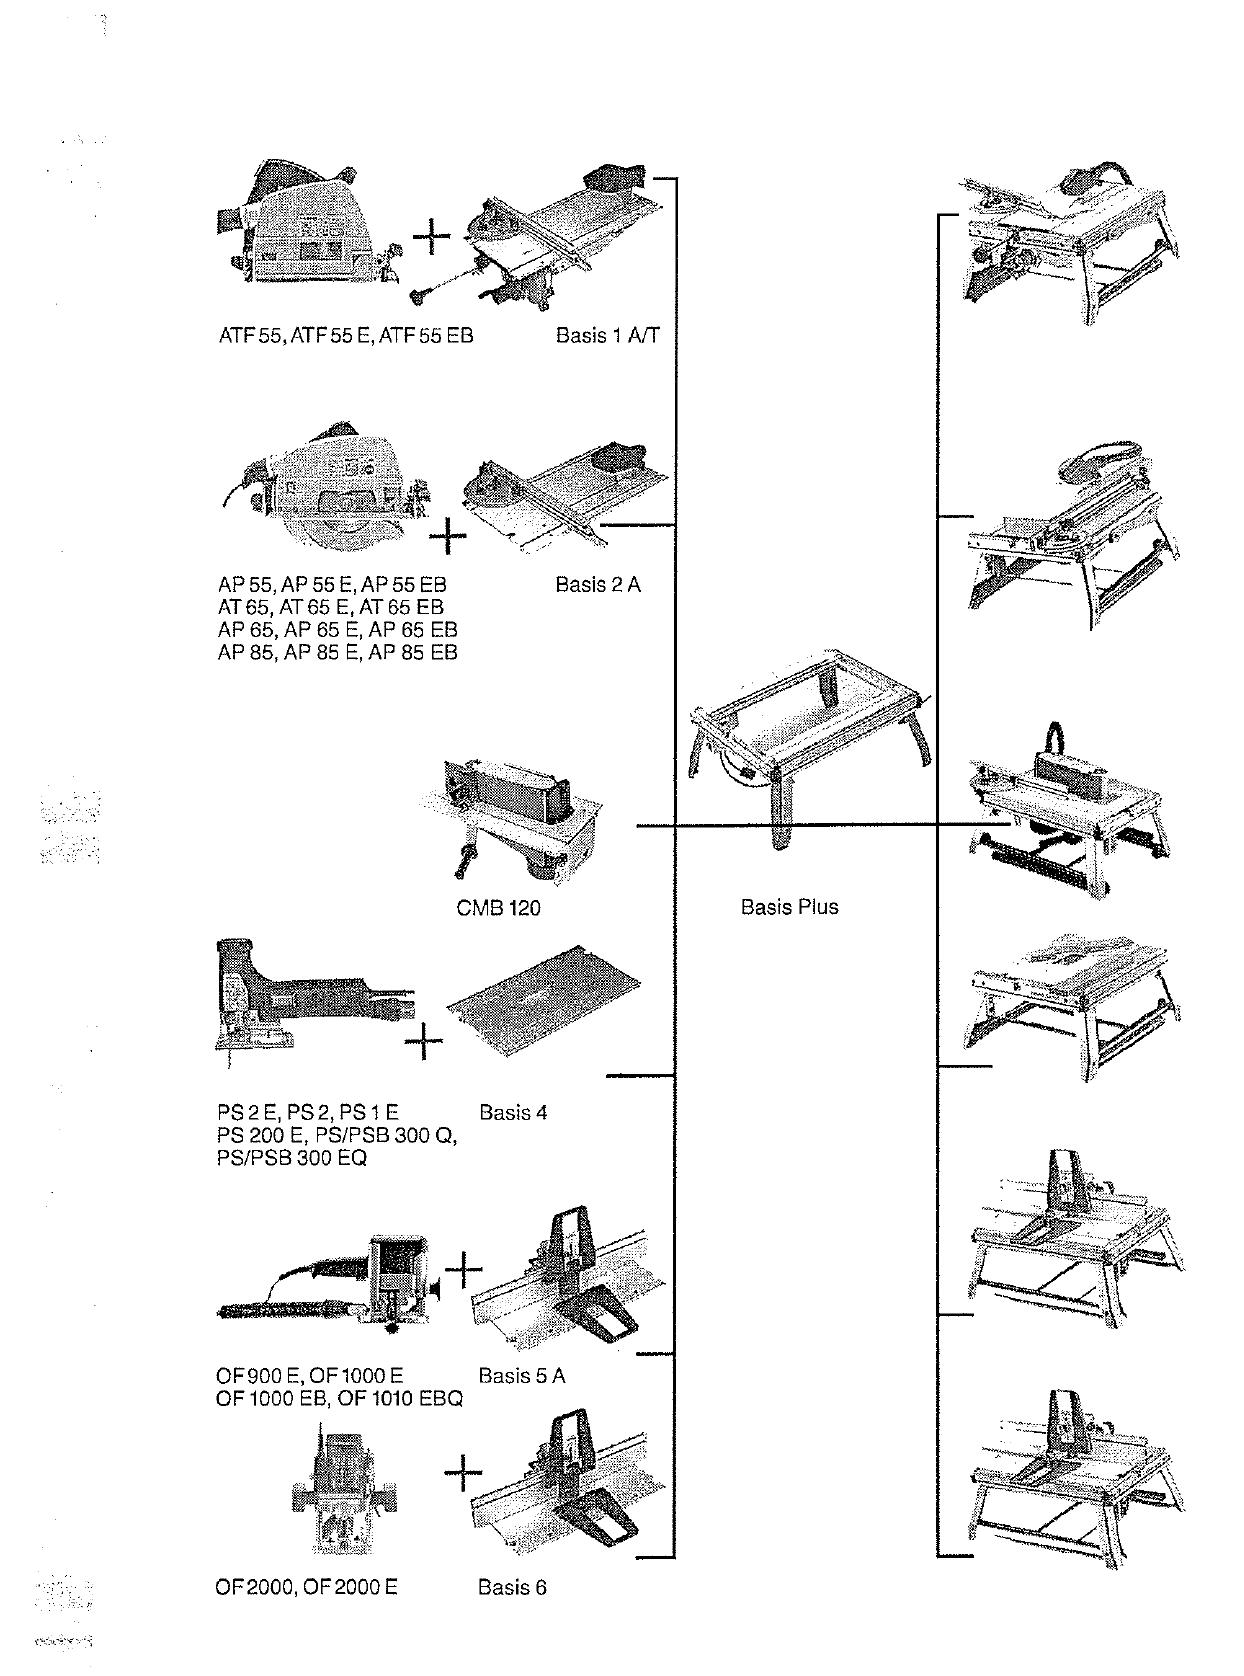 Verbazingwekkend Bedienungsanleitung Festool Basis 1A (Seite 6 von 59) (Dänisch IM-39